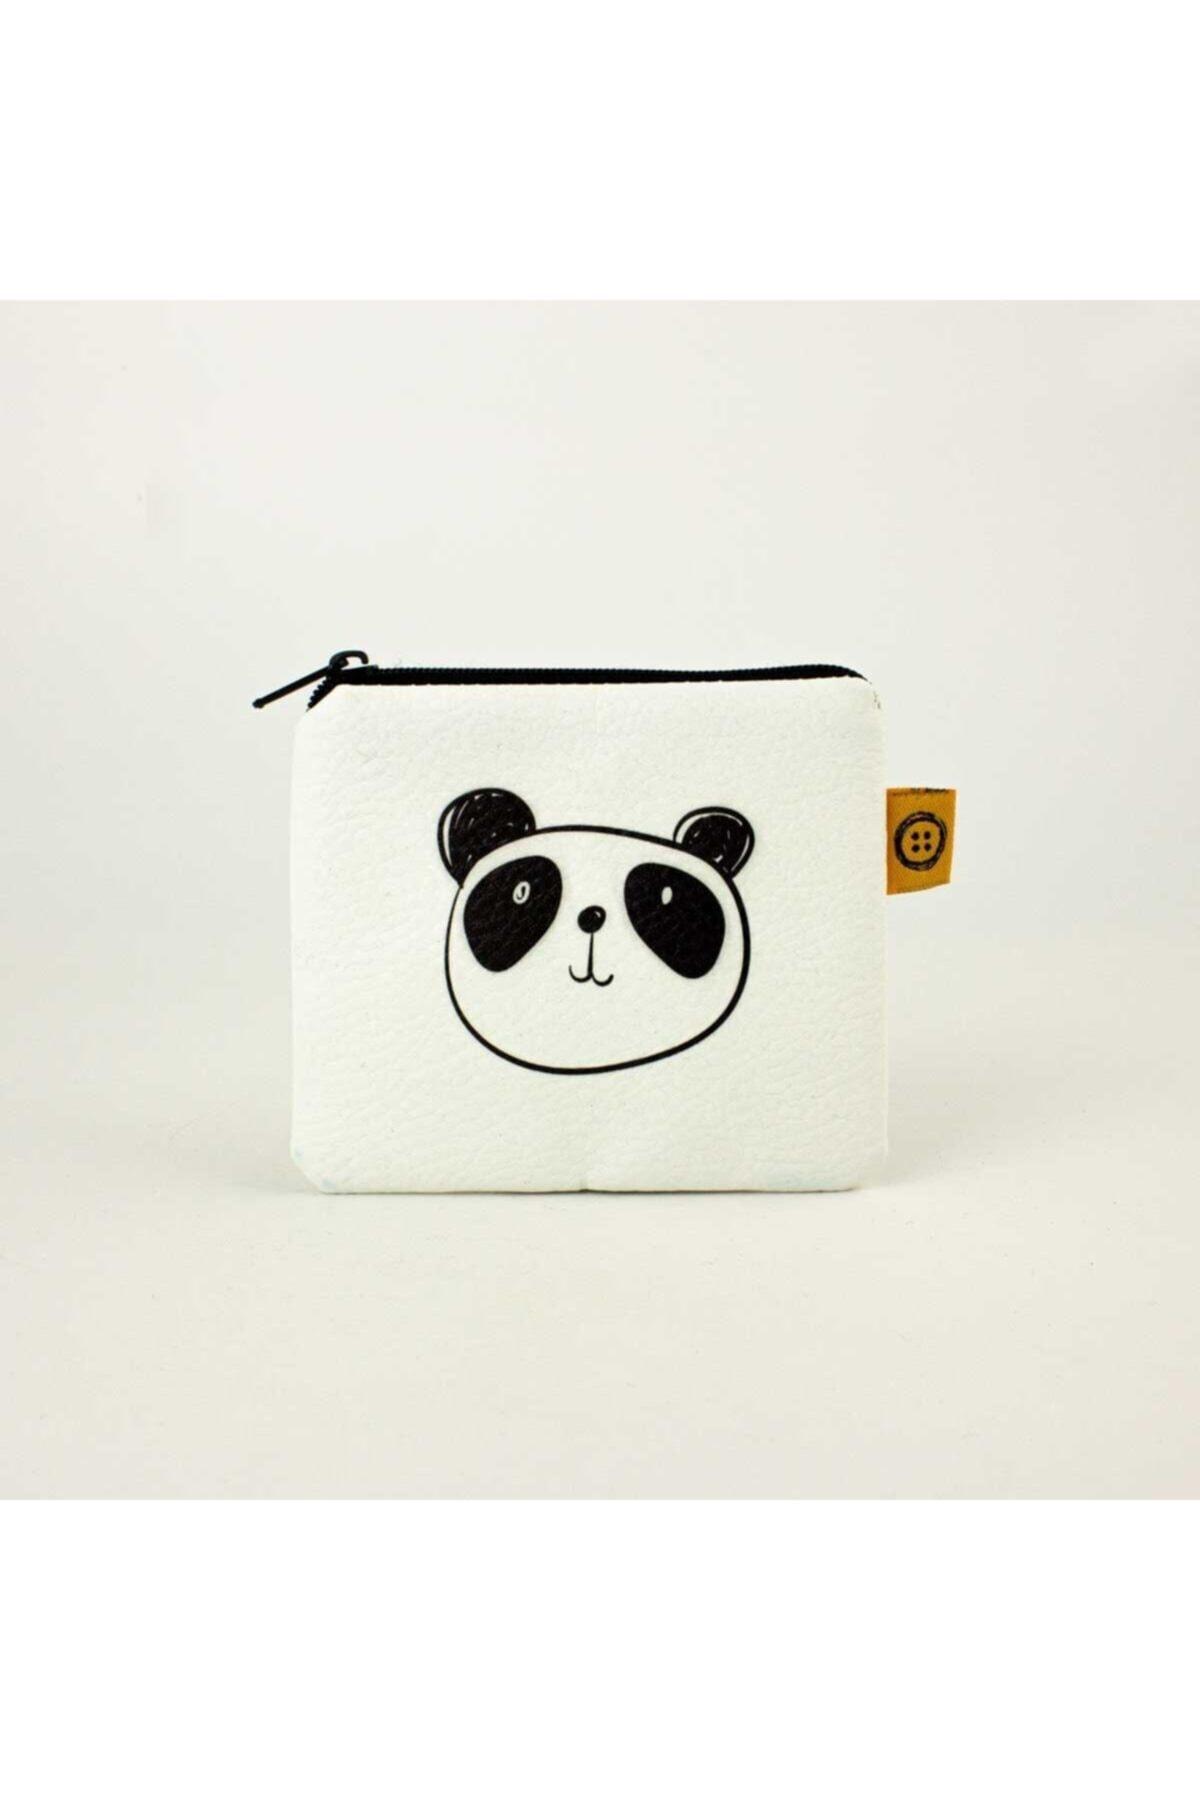 PALTO TASARIM Unisex Ekru Çizim Panda Resimli Bozuk Para Cüzdanı 1